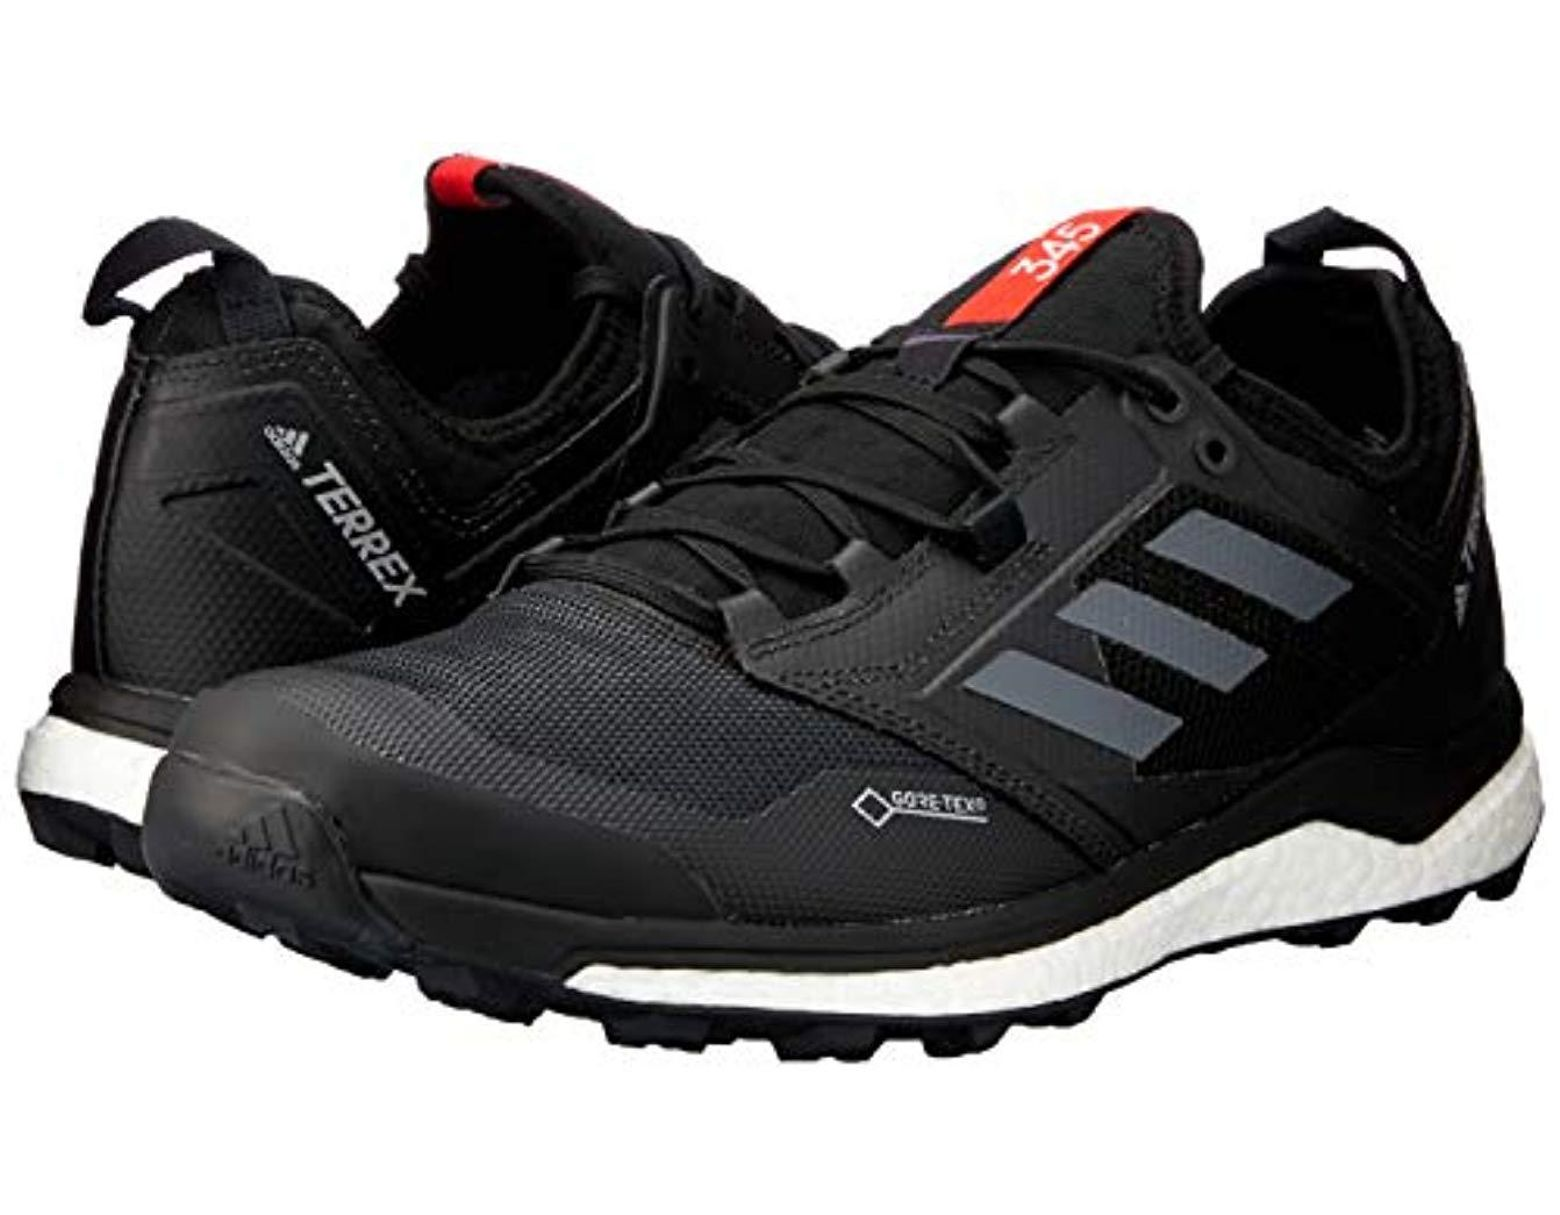 e756ff186c768 Men's Black Terrex Agravic Xt Gtx Nordic Walking Shoes